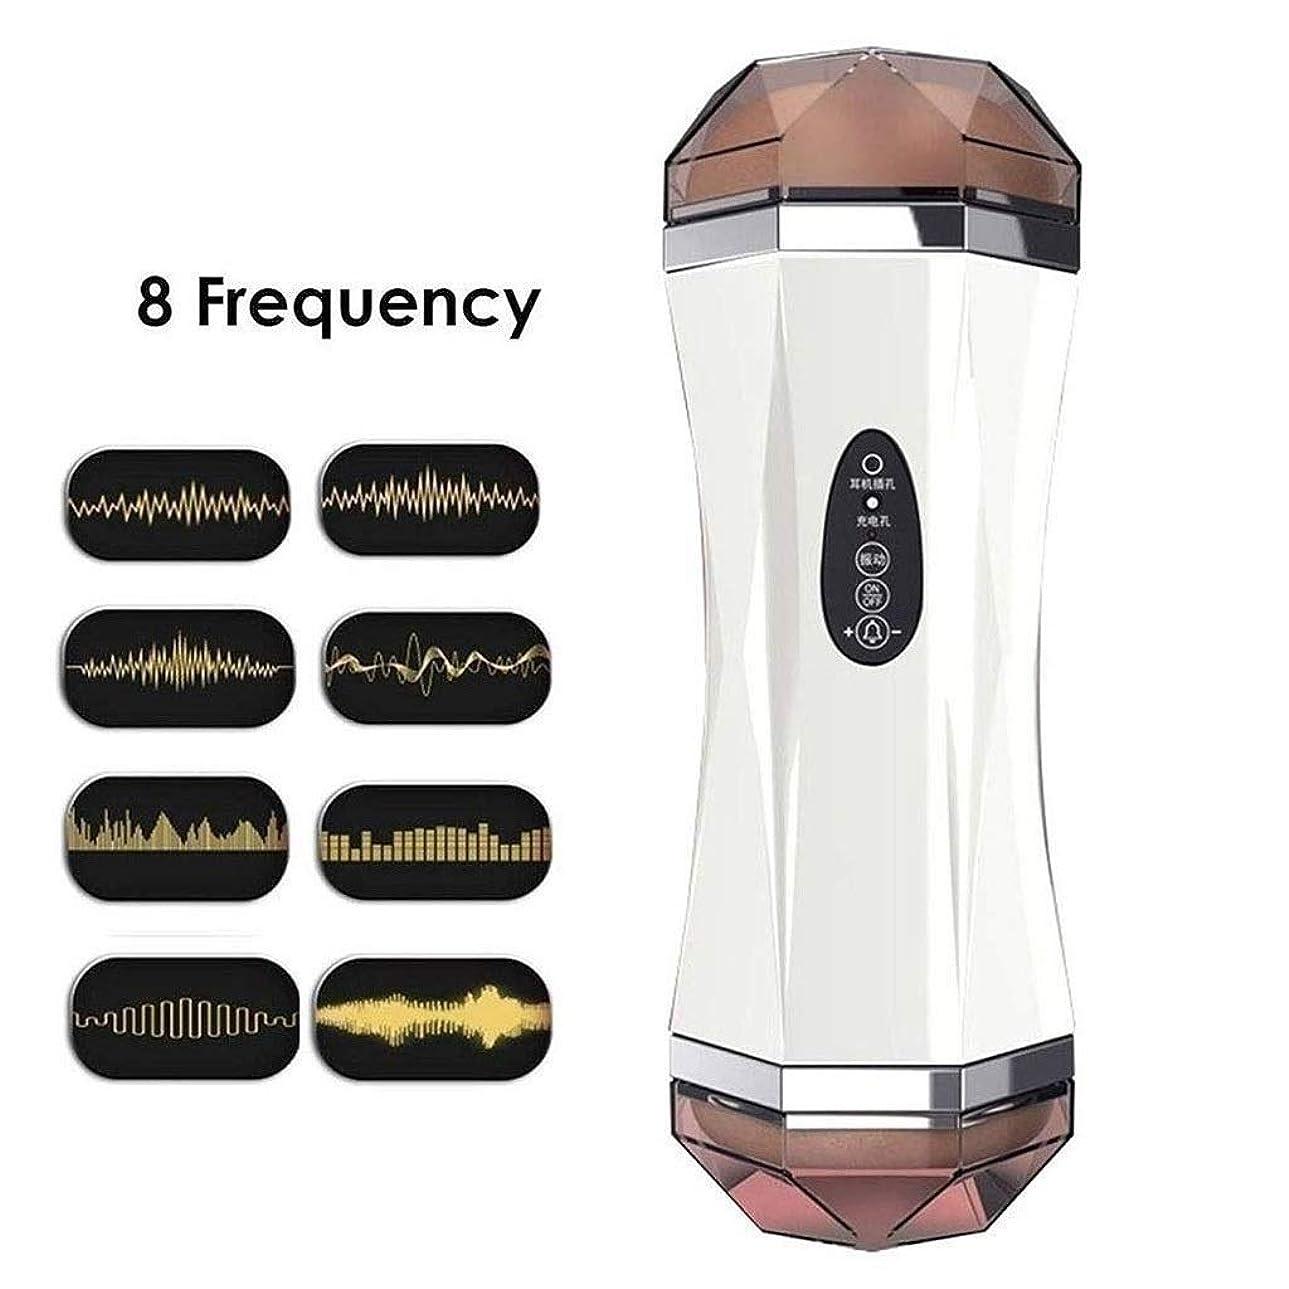 急行する修道院まつげ男性遅延トレーナー吸いマッサージャーUSB 8周波振動と音声対話電子マッサージカッププライベートな包装と充電